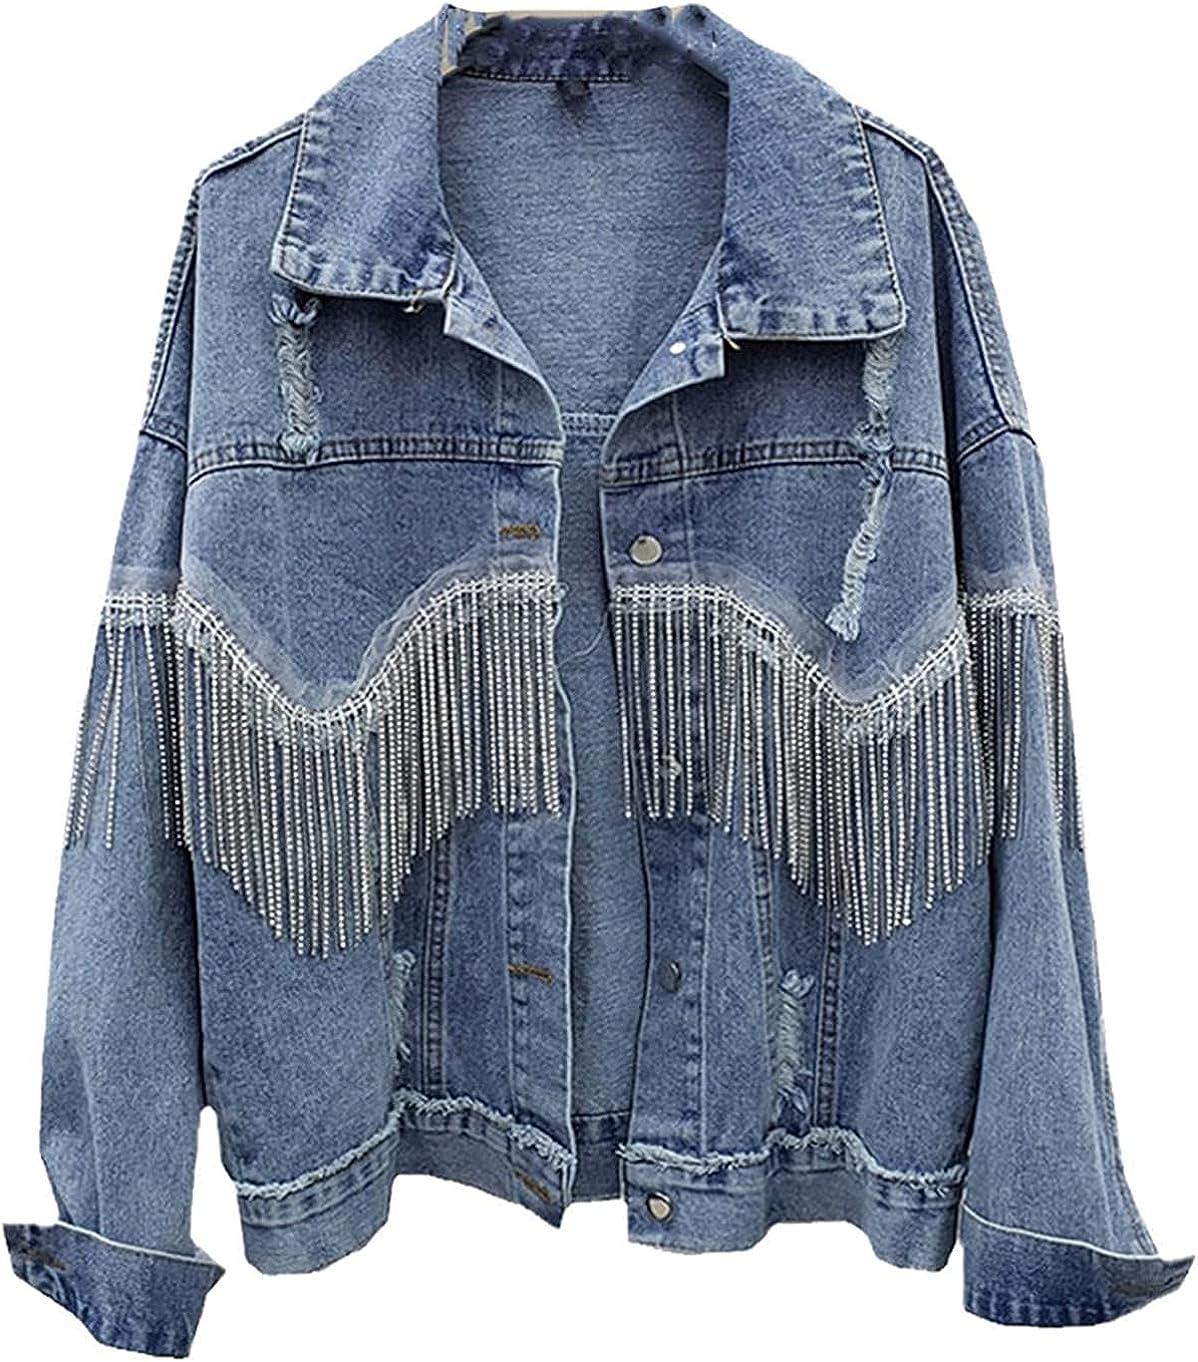 Women Vintage Frayed Diamonds Chain Tassel Denim Jacket Spring Fall Streetwear Jean Top